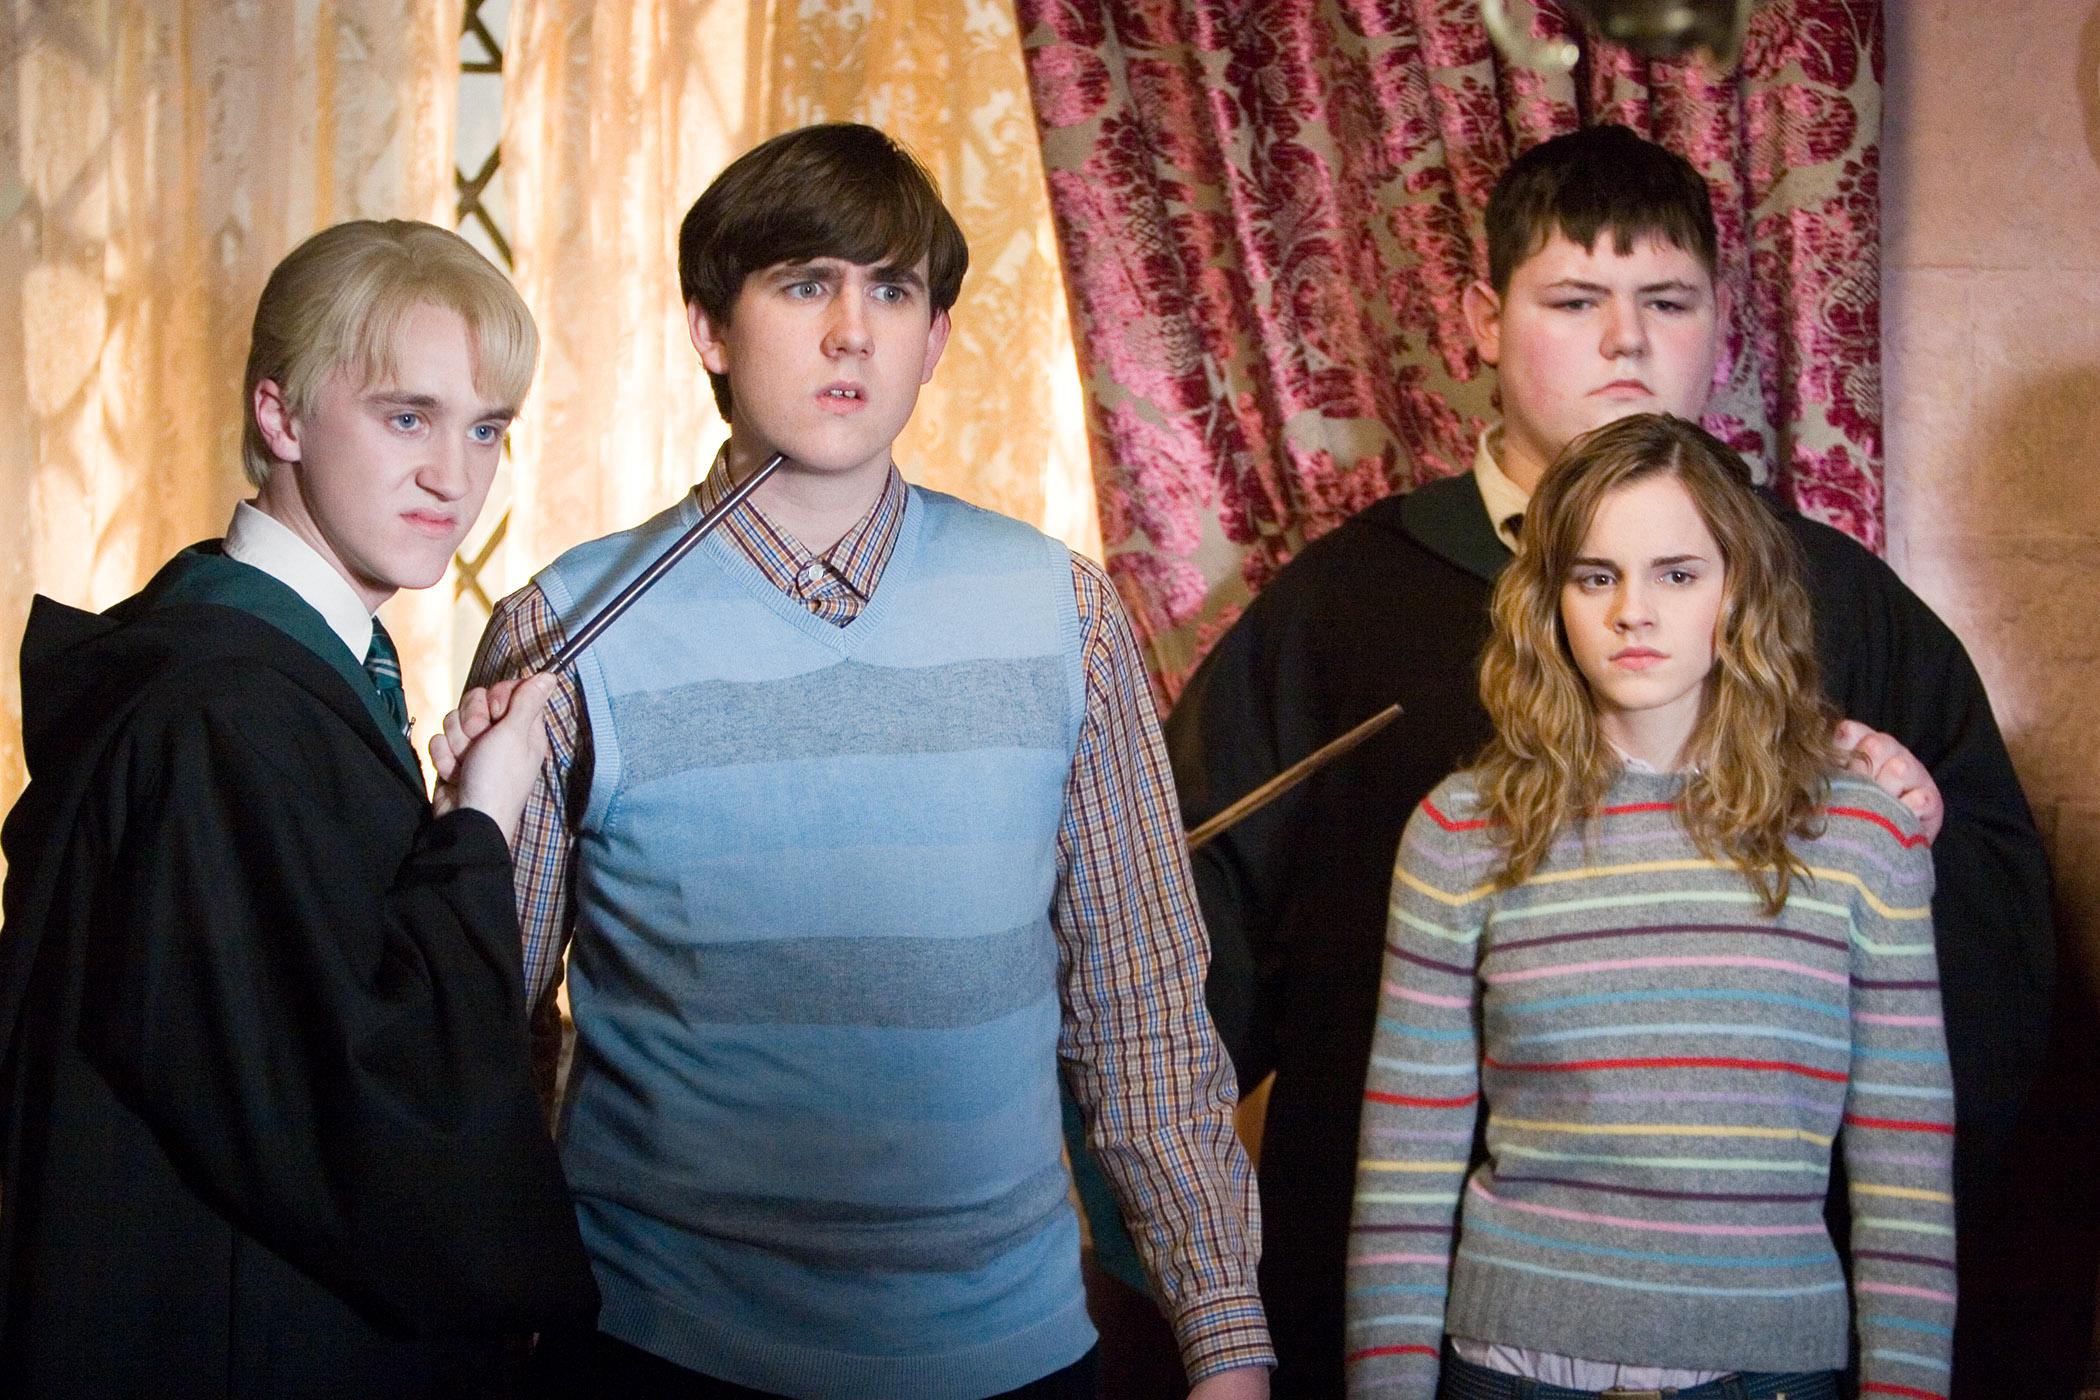 кадры из фильма Гарри Поттер и Орден Феникса Эмма Уотсон, Том Фелтон, Мэттью Льюис,